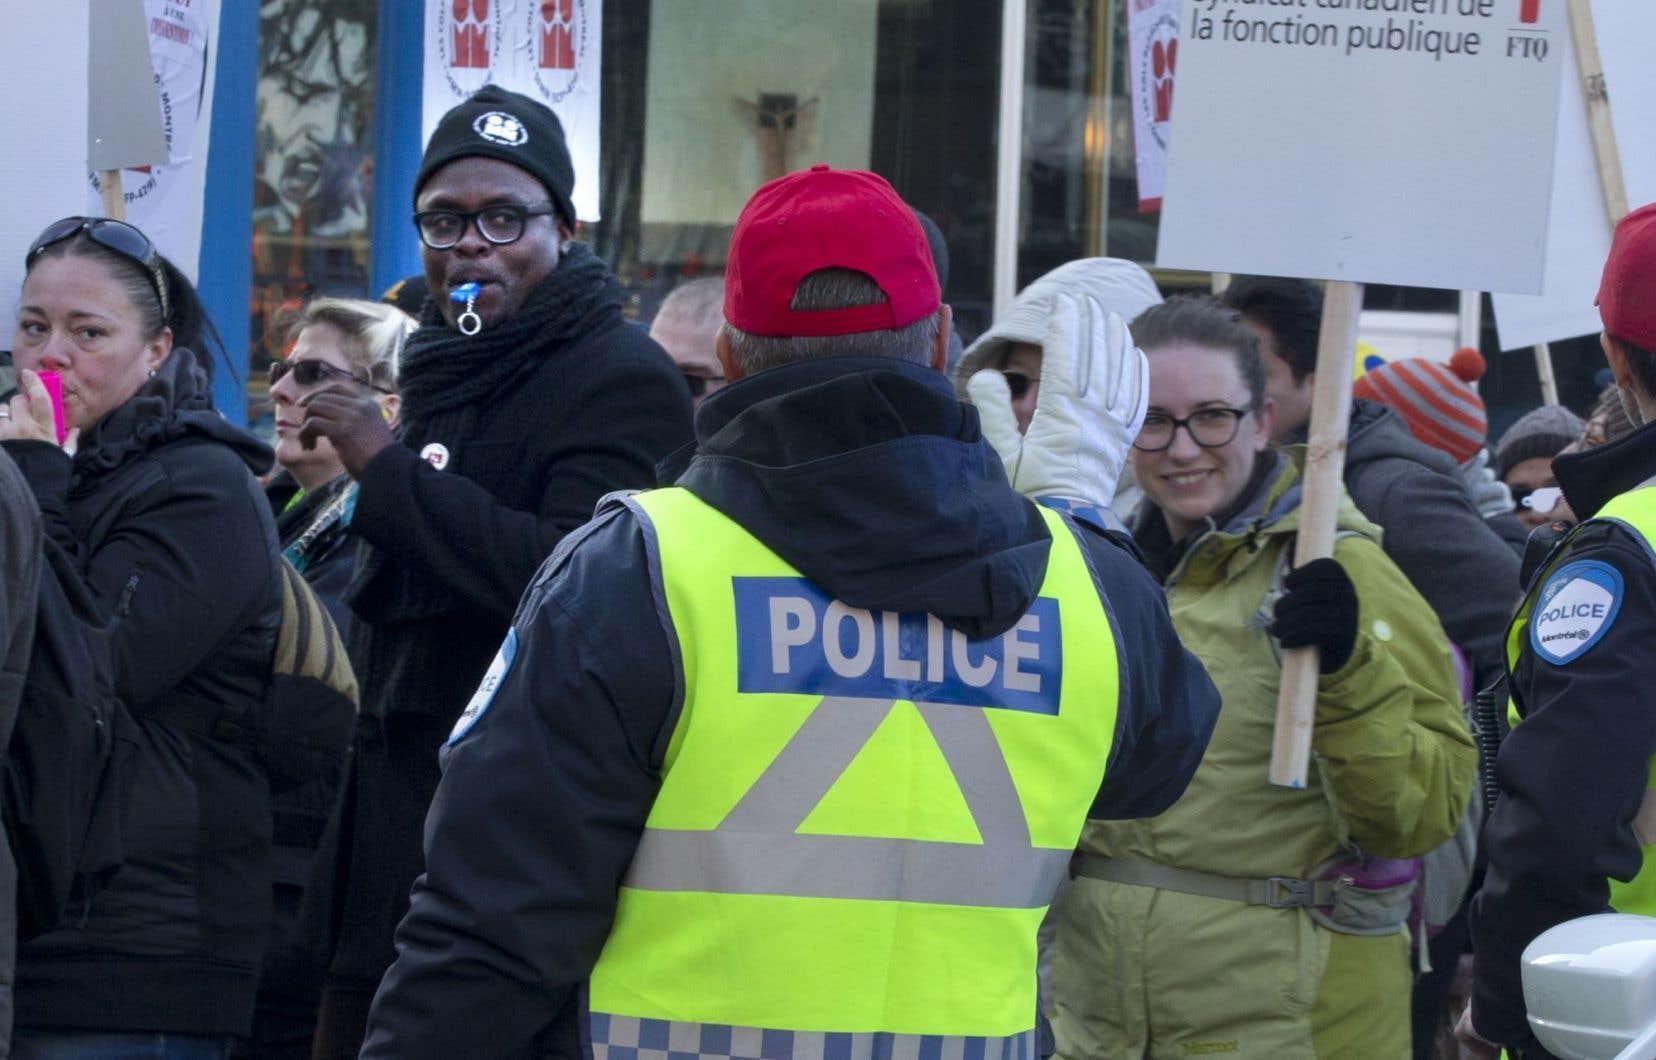 La manifestation s'est déroulée dans l'ordre.